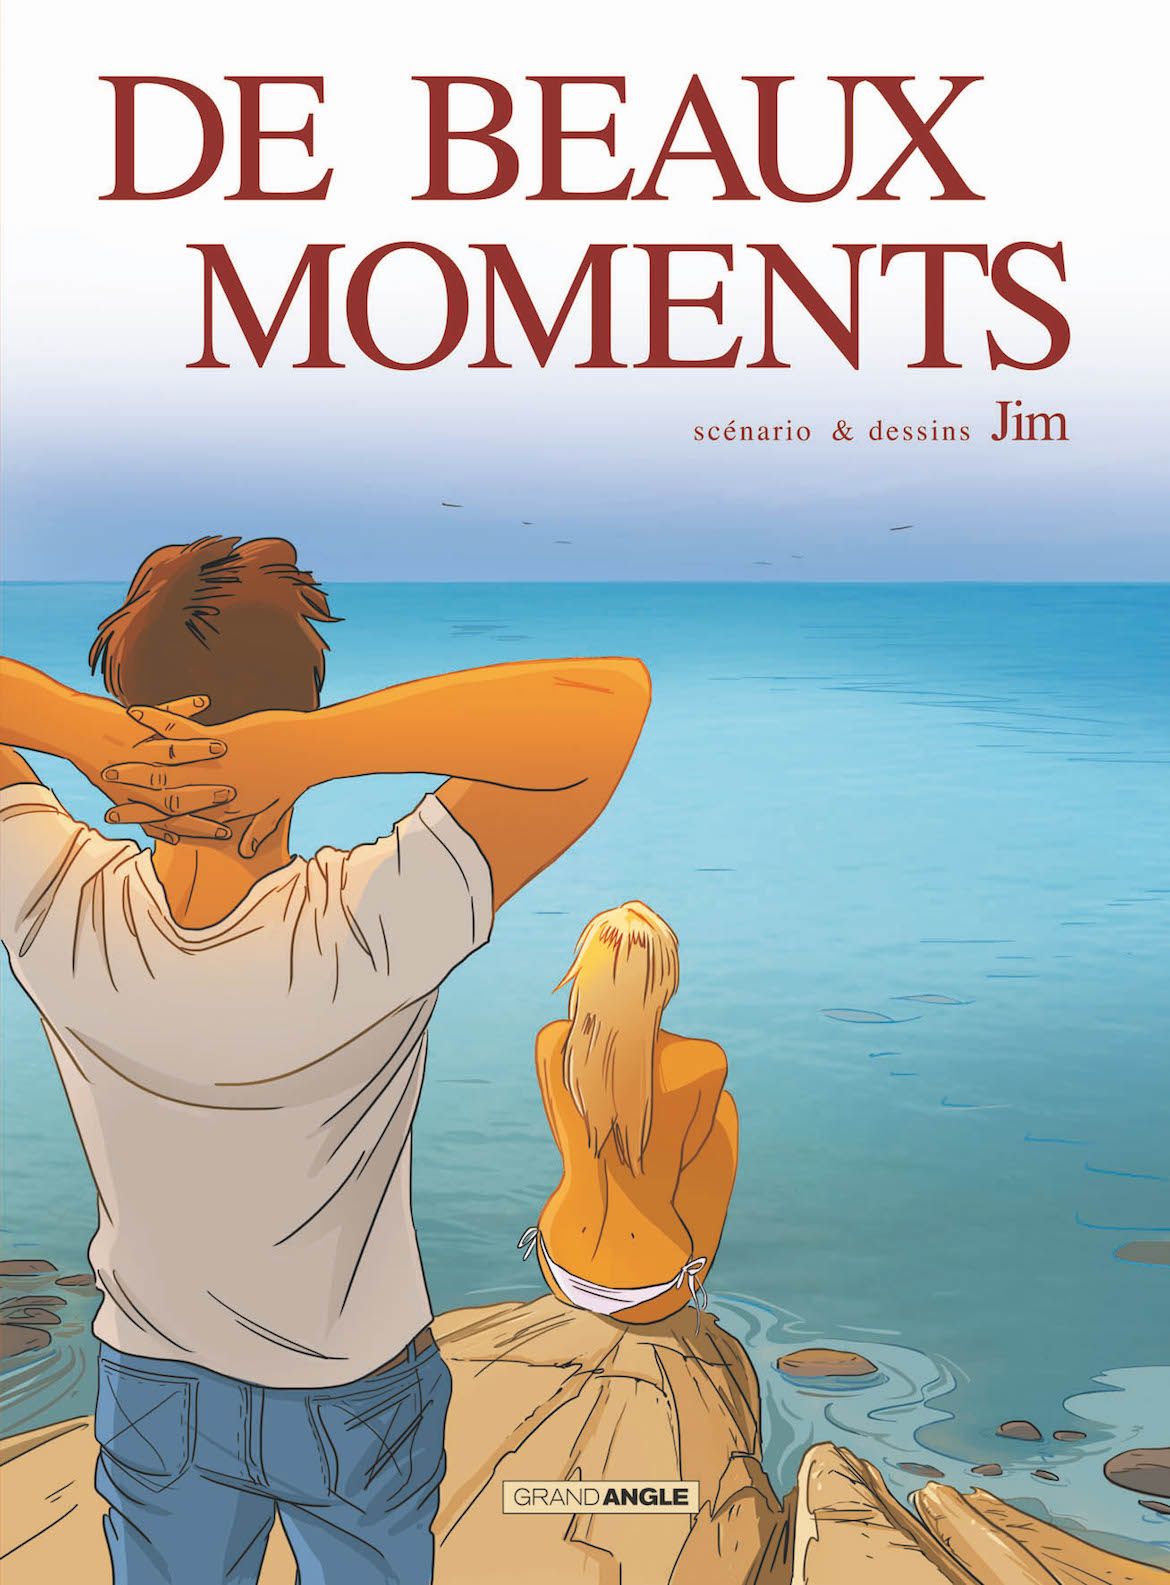 Jim - De beaux moments - couverture